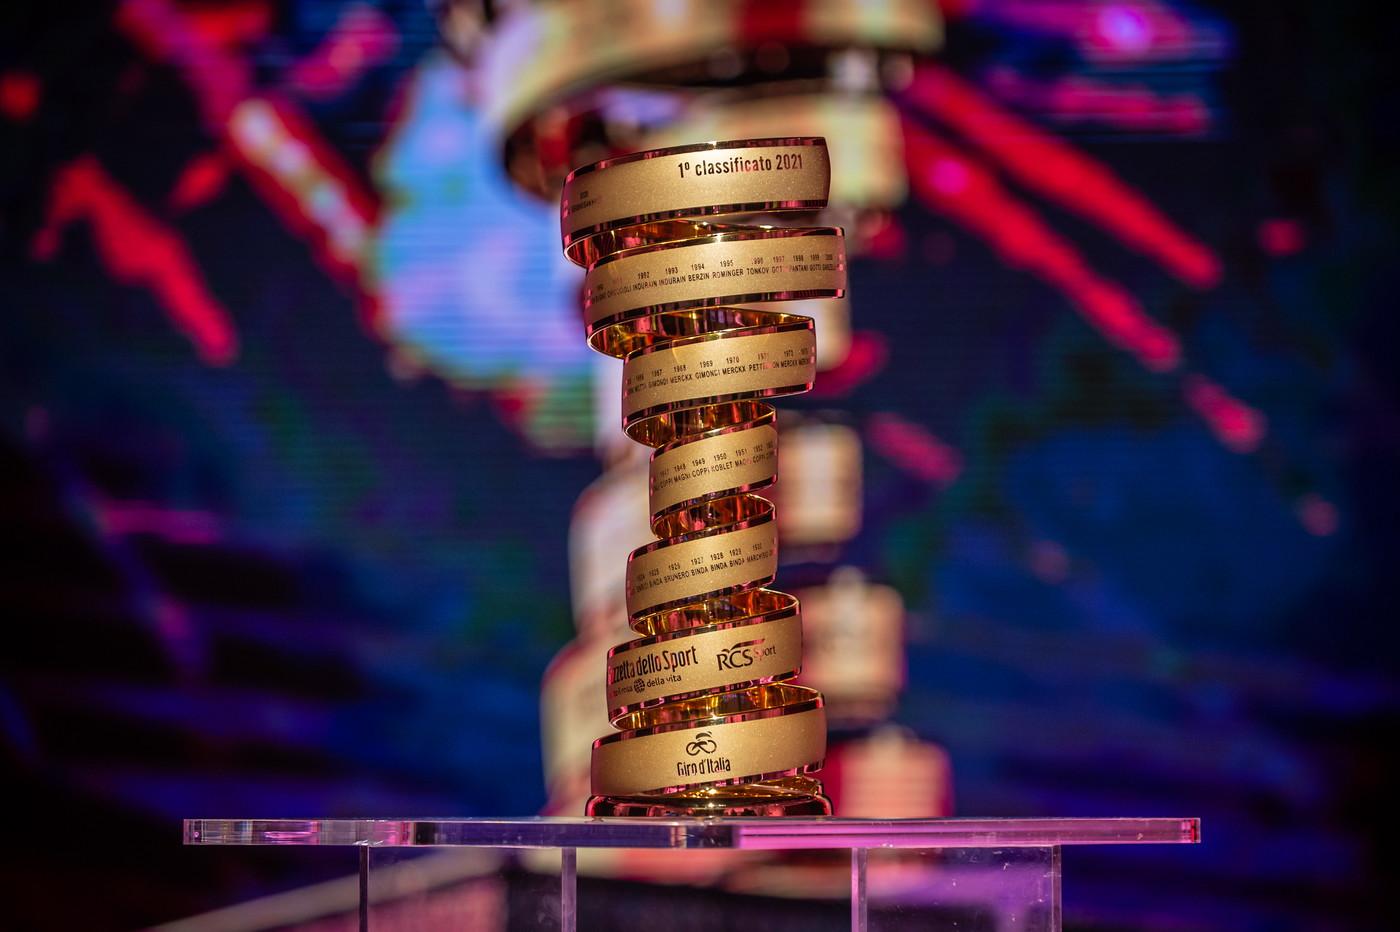 Dal 1999 al vincitore viene consegnato il Trofeo Senza Fine, composto da una barra di rame bombata, piegata a spirale, che si eleva dalla base in cerchi sempre più ampi, sui quali sono incisi i nomi di tutti i vincitori.